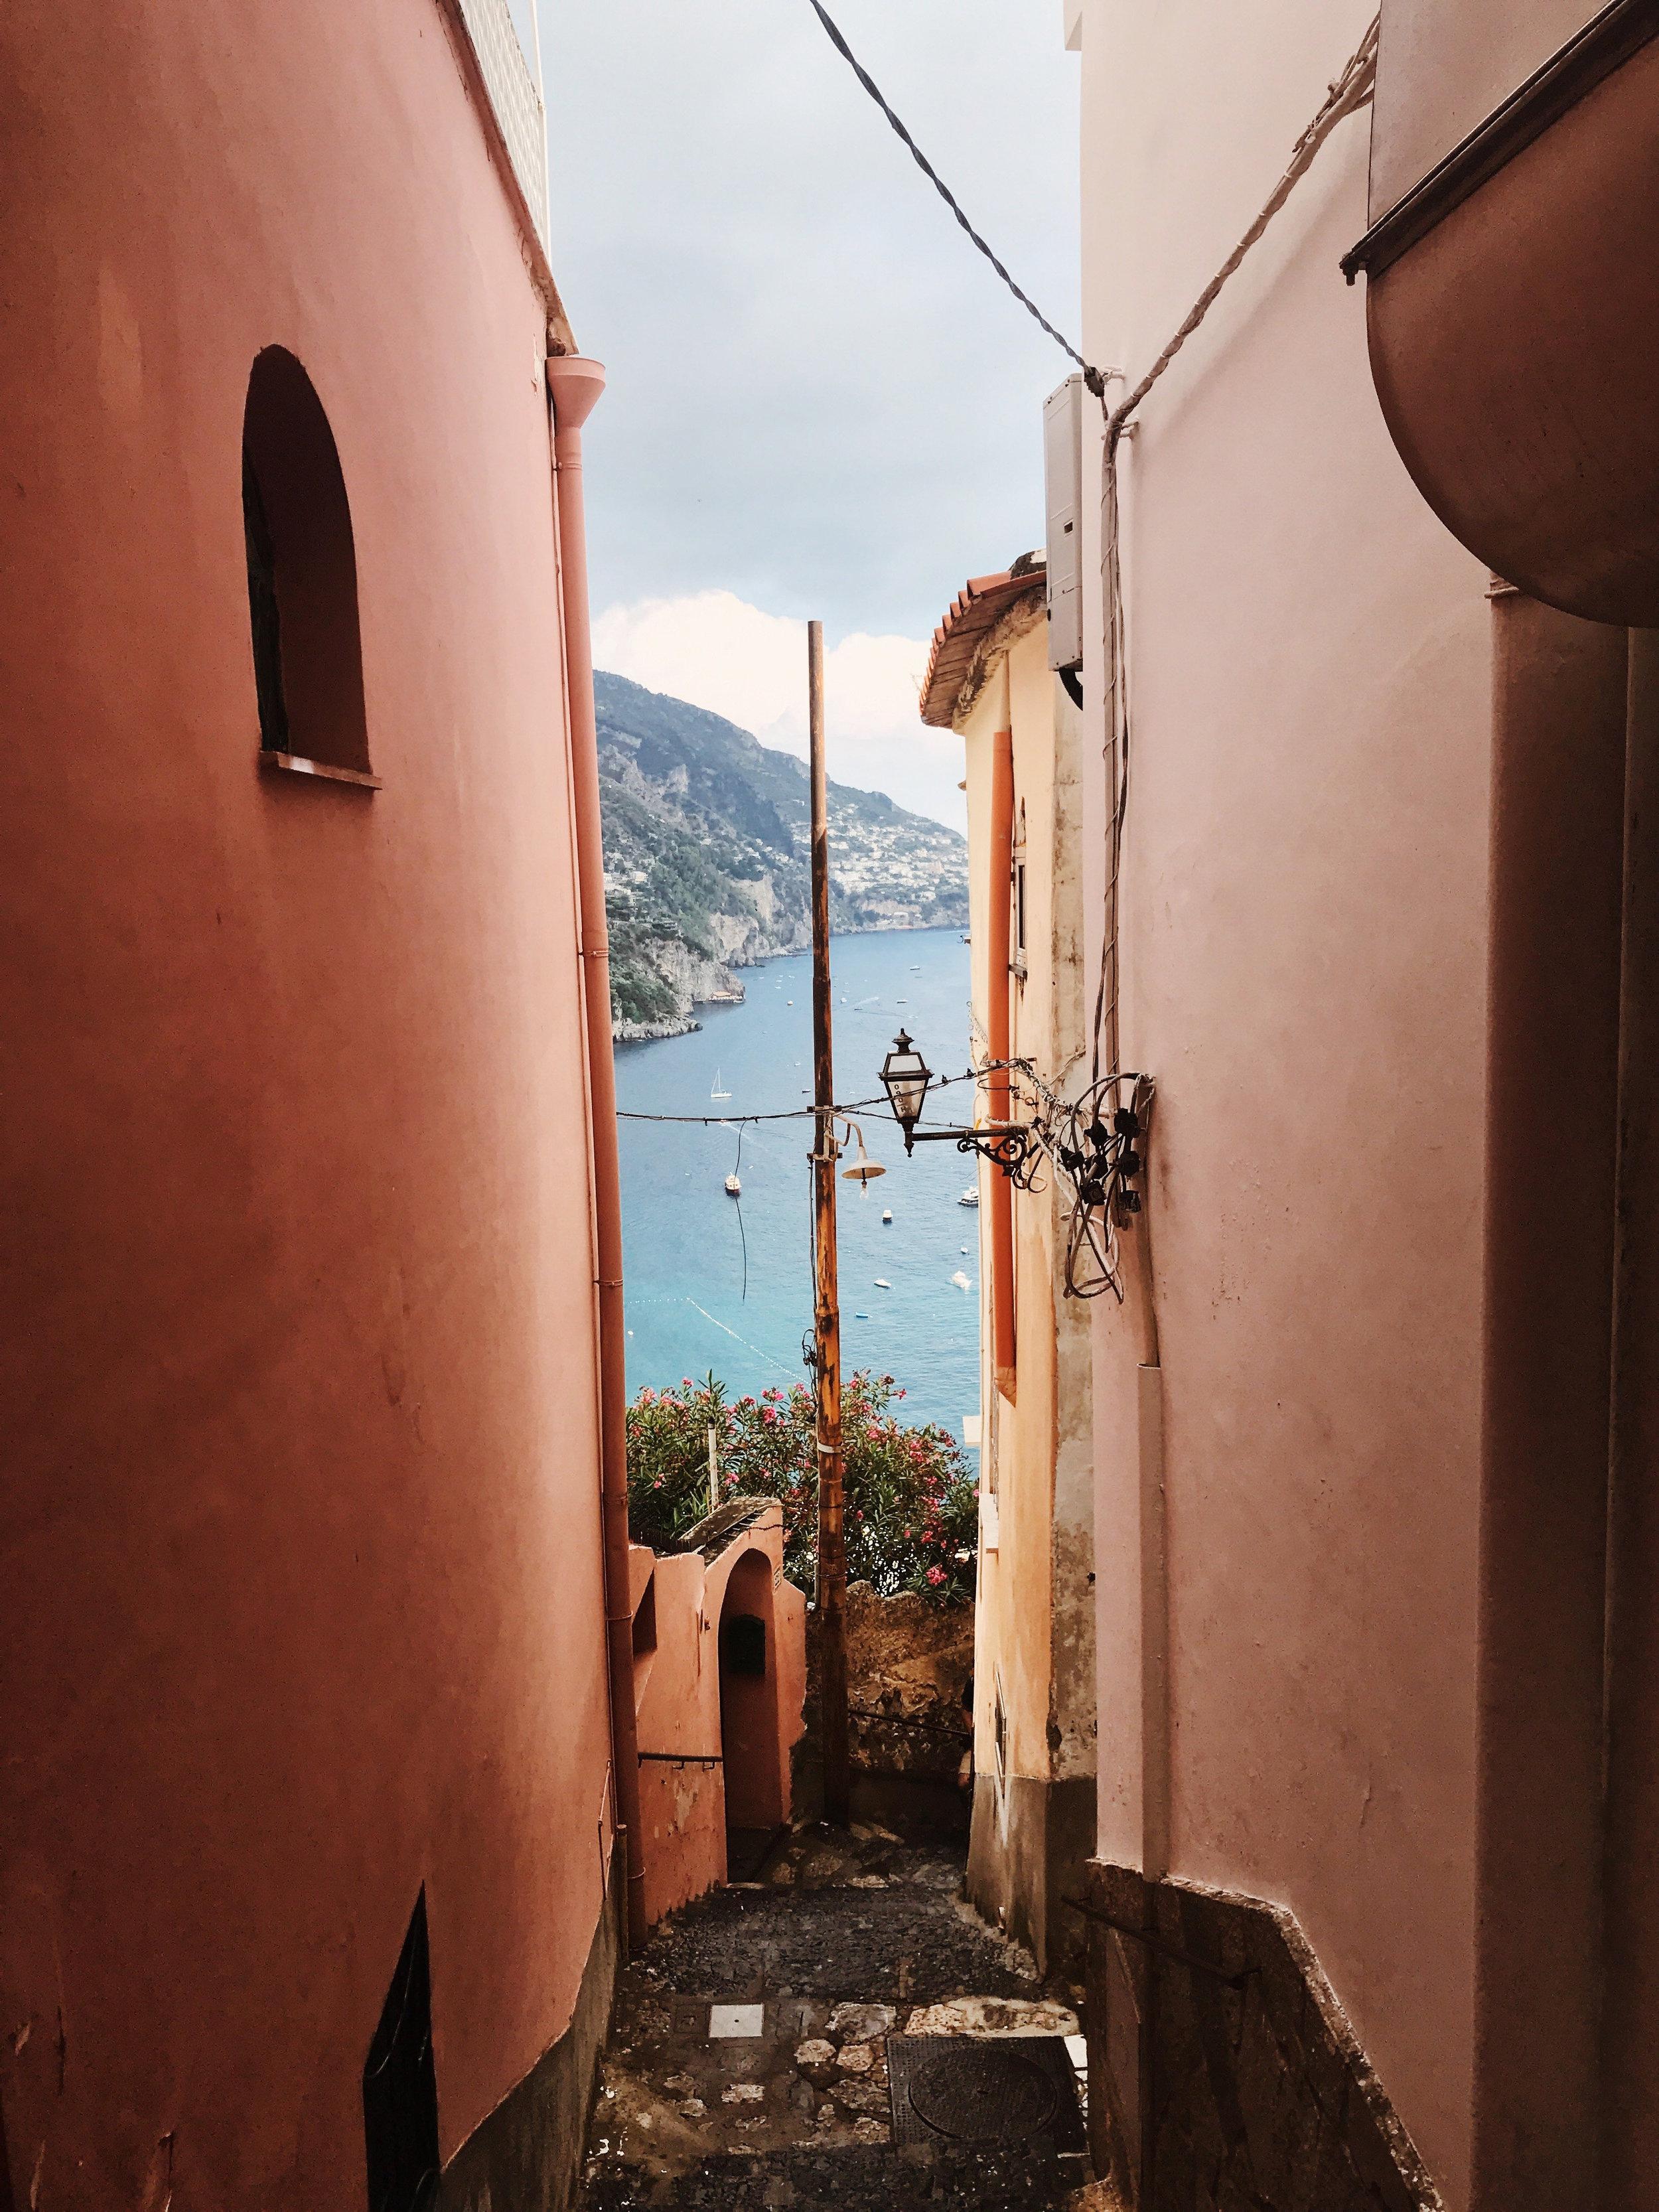 Italy-Positano-Rome-Amalfi-Coast-Lena-Mirisola-52.JPG